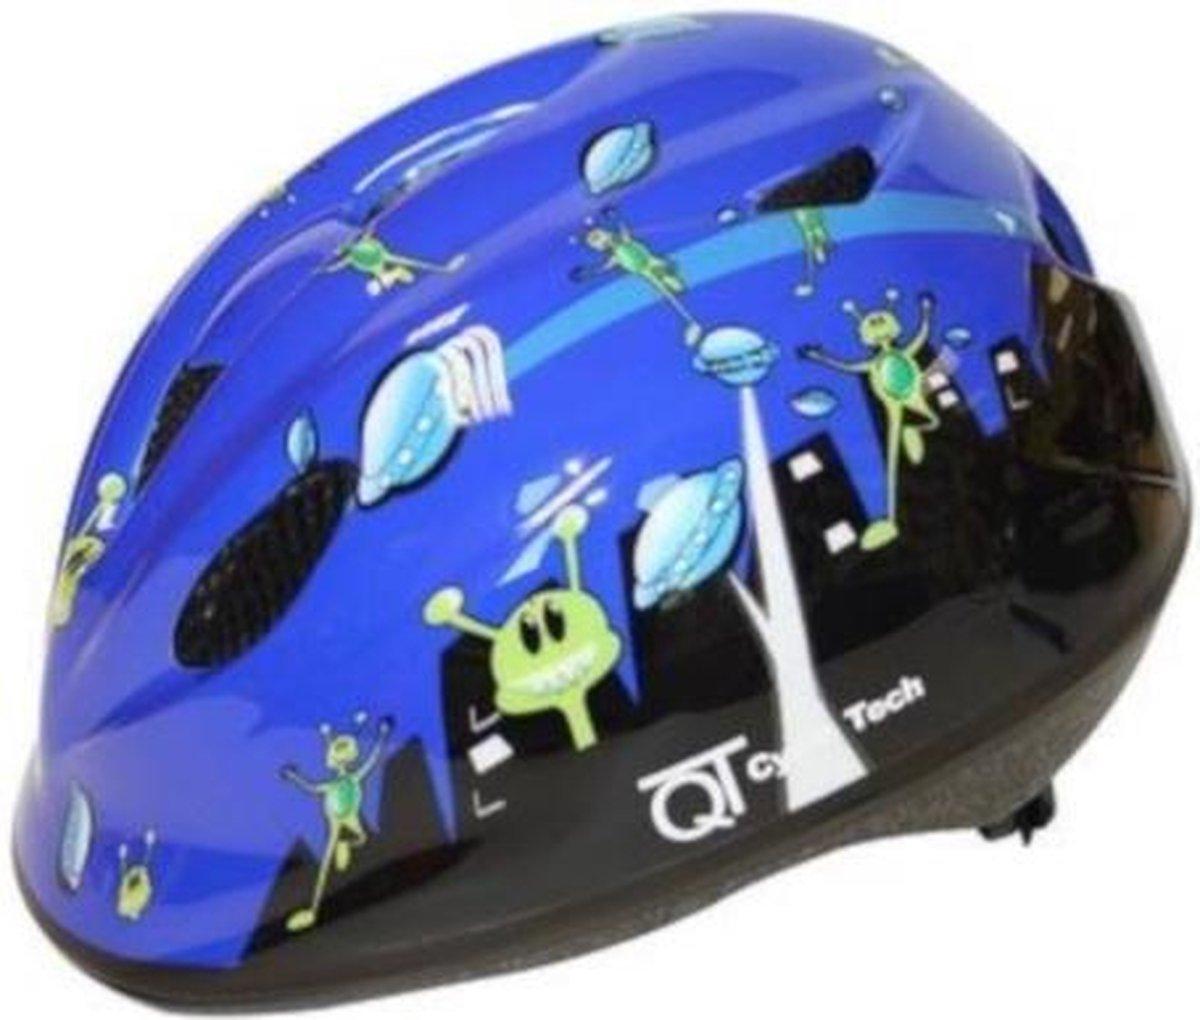 Cycle Tech Helm E.t. Jongens Maat 46/52 Blauw/zwart